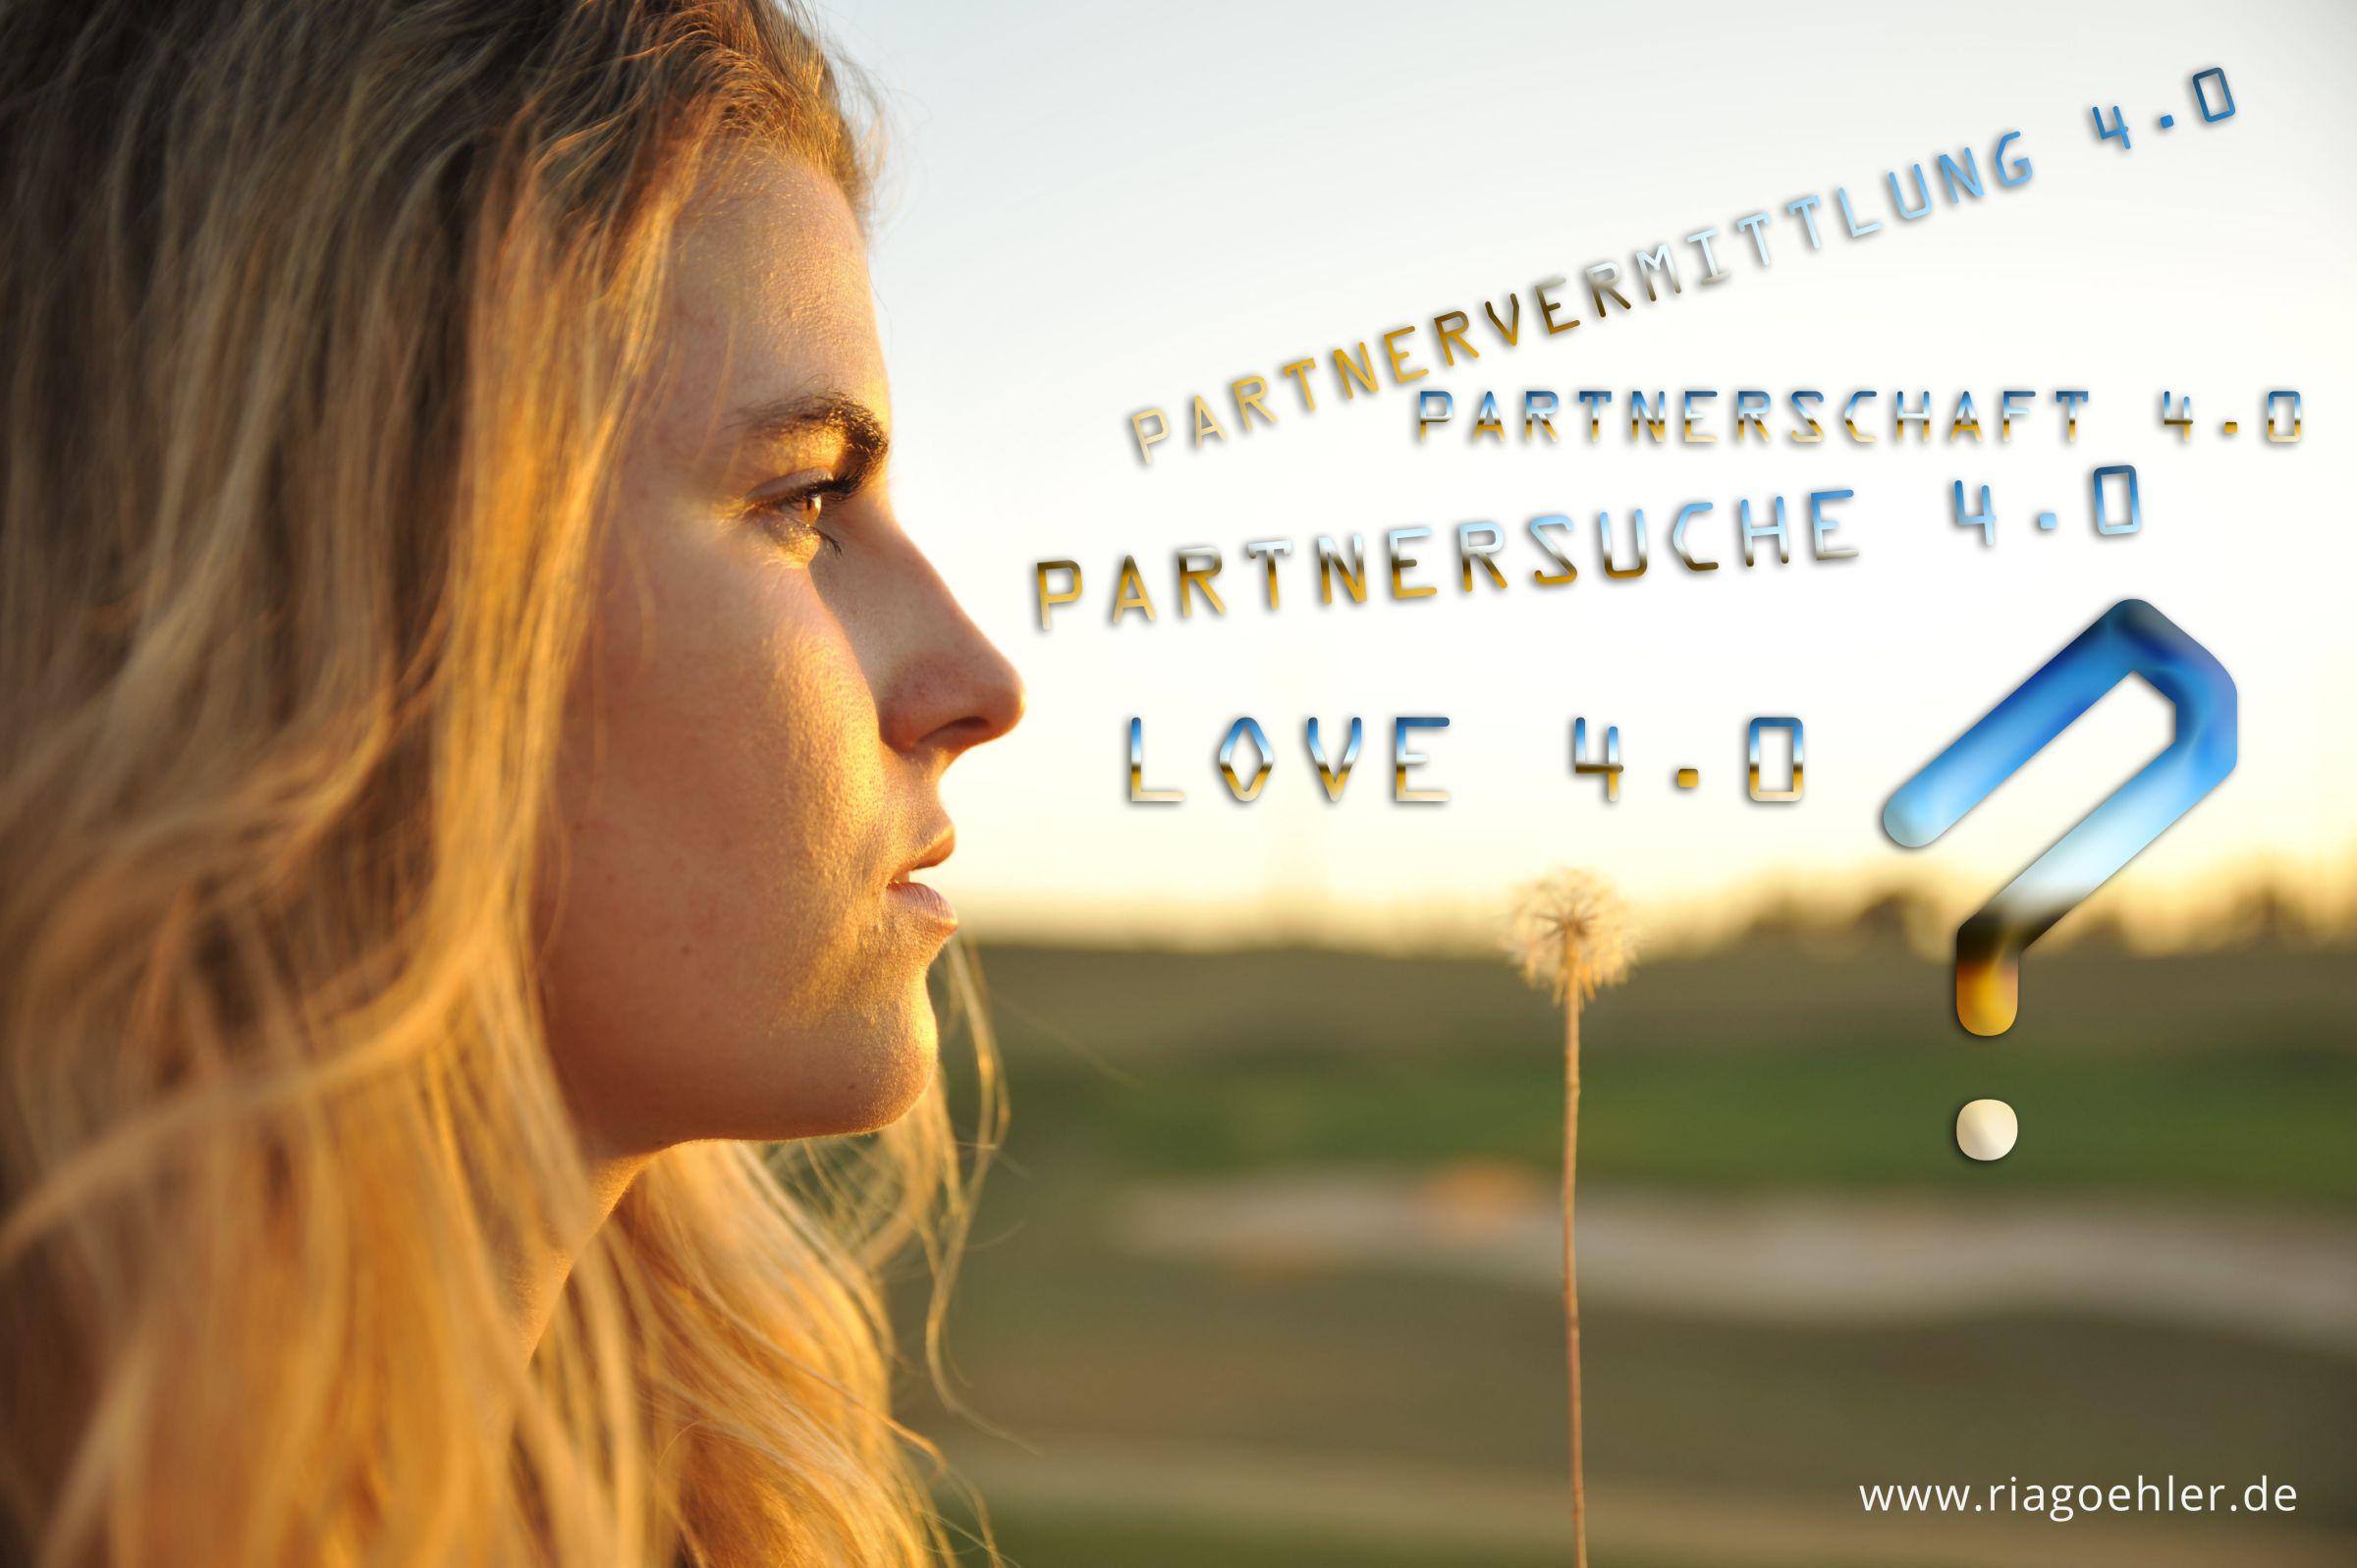 Partnervermittlung agentur hannover